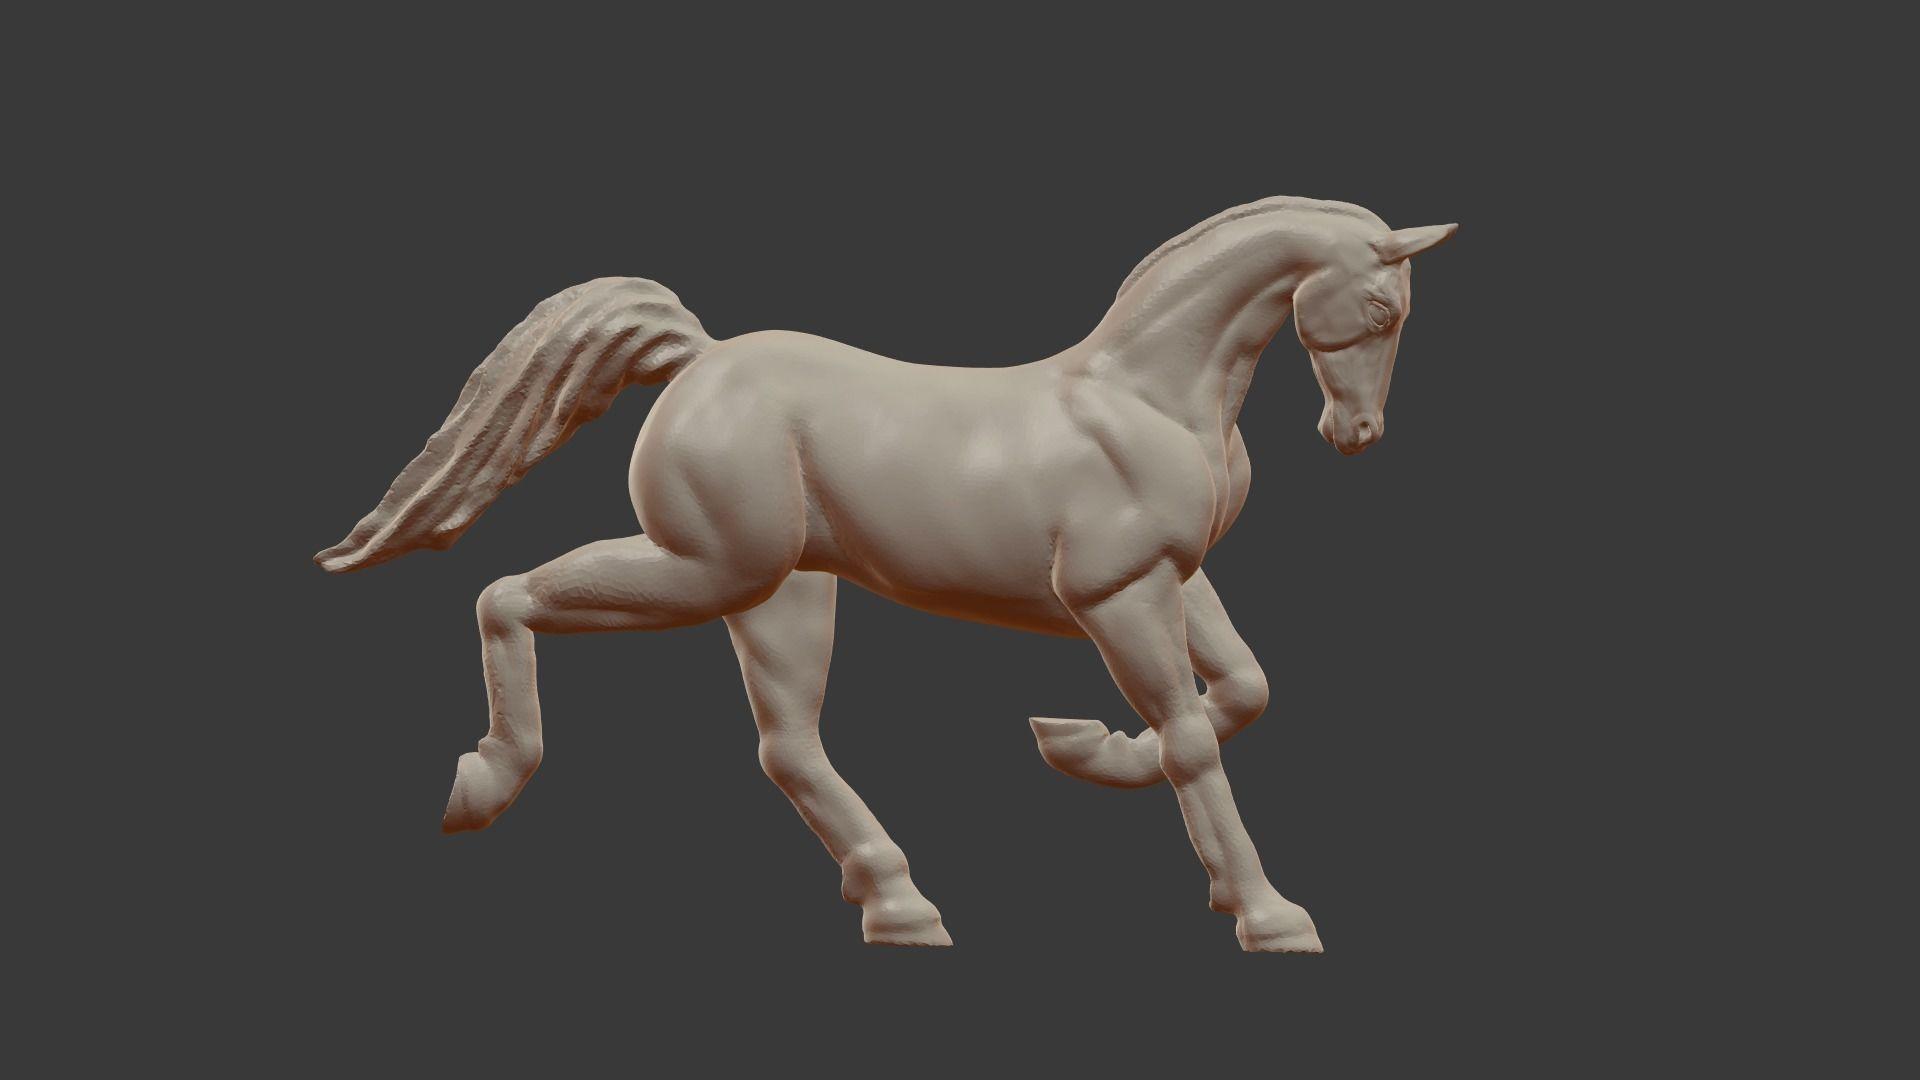 7 Running Horse 3d Wallpaper Wallpaper